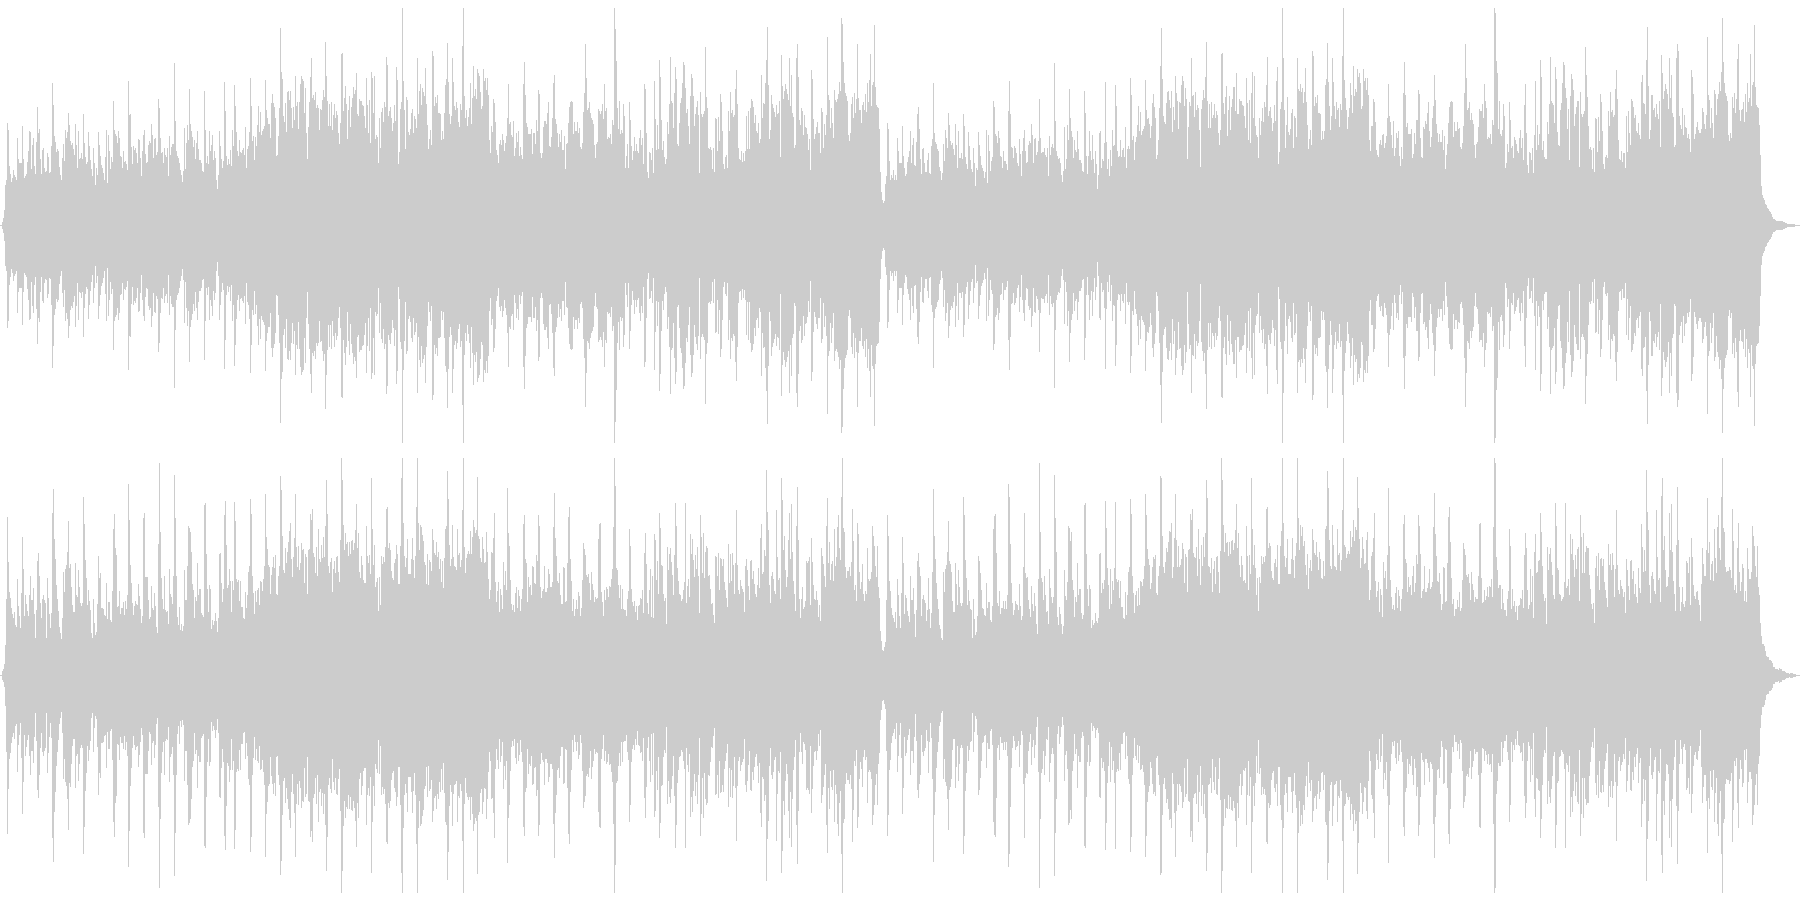 中世の切ない古楽の未再生の波形